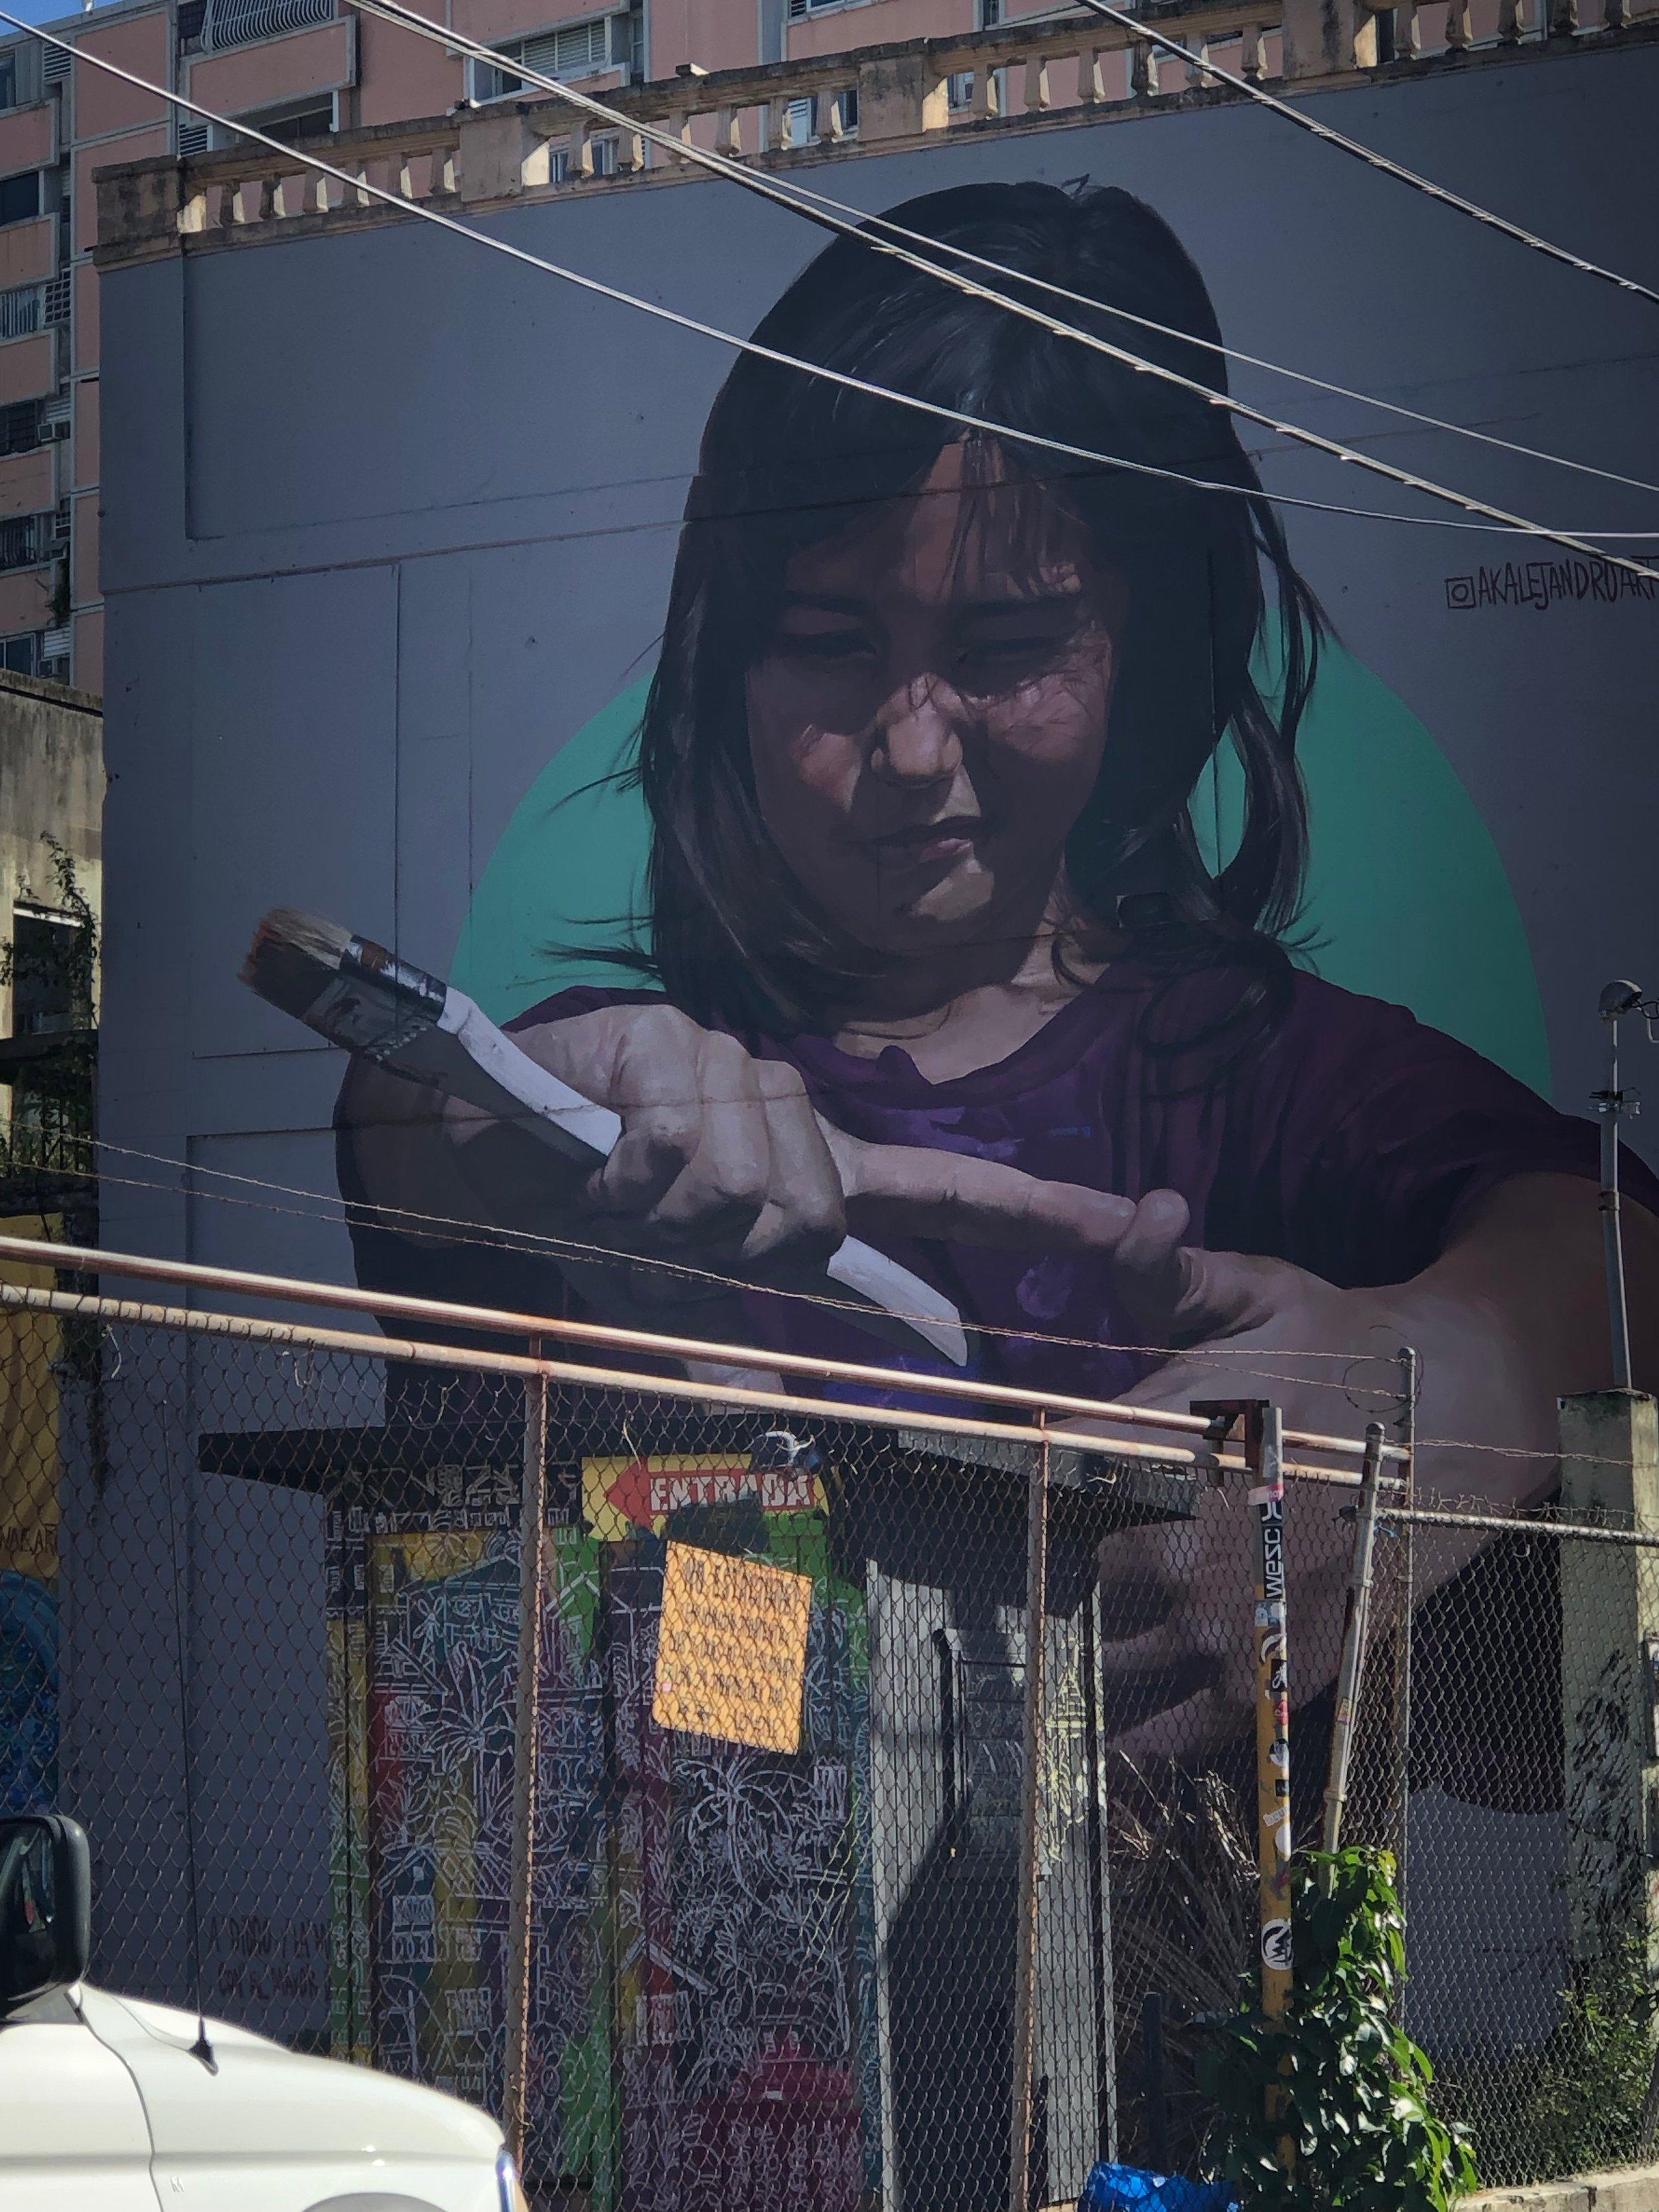 murals2.jpeg